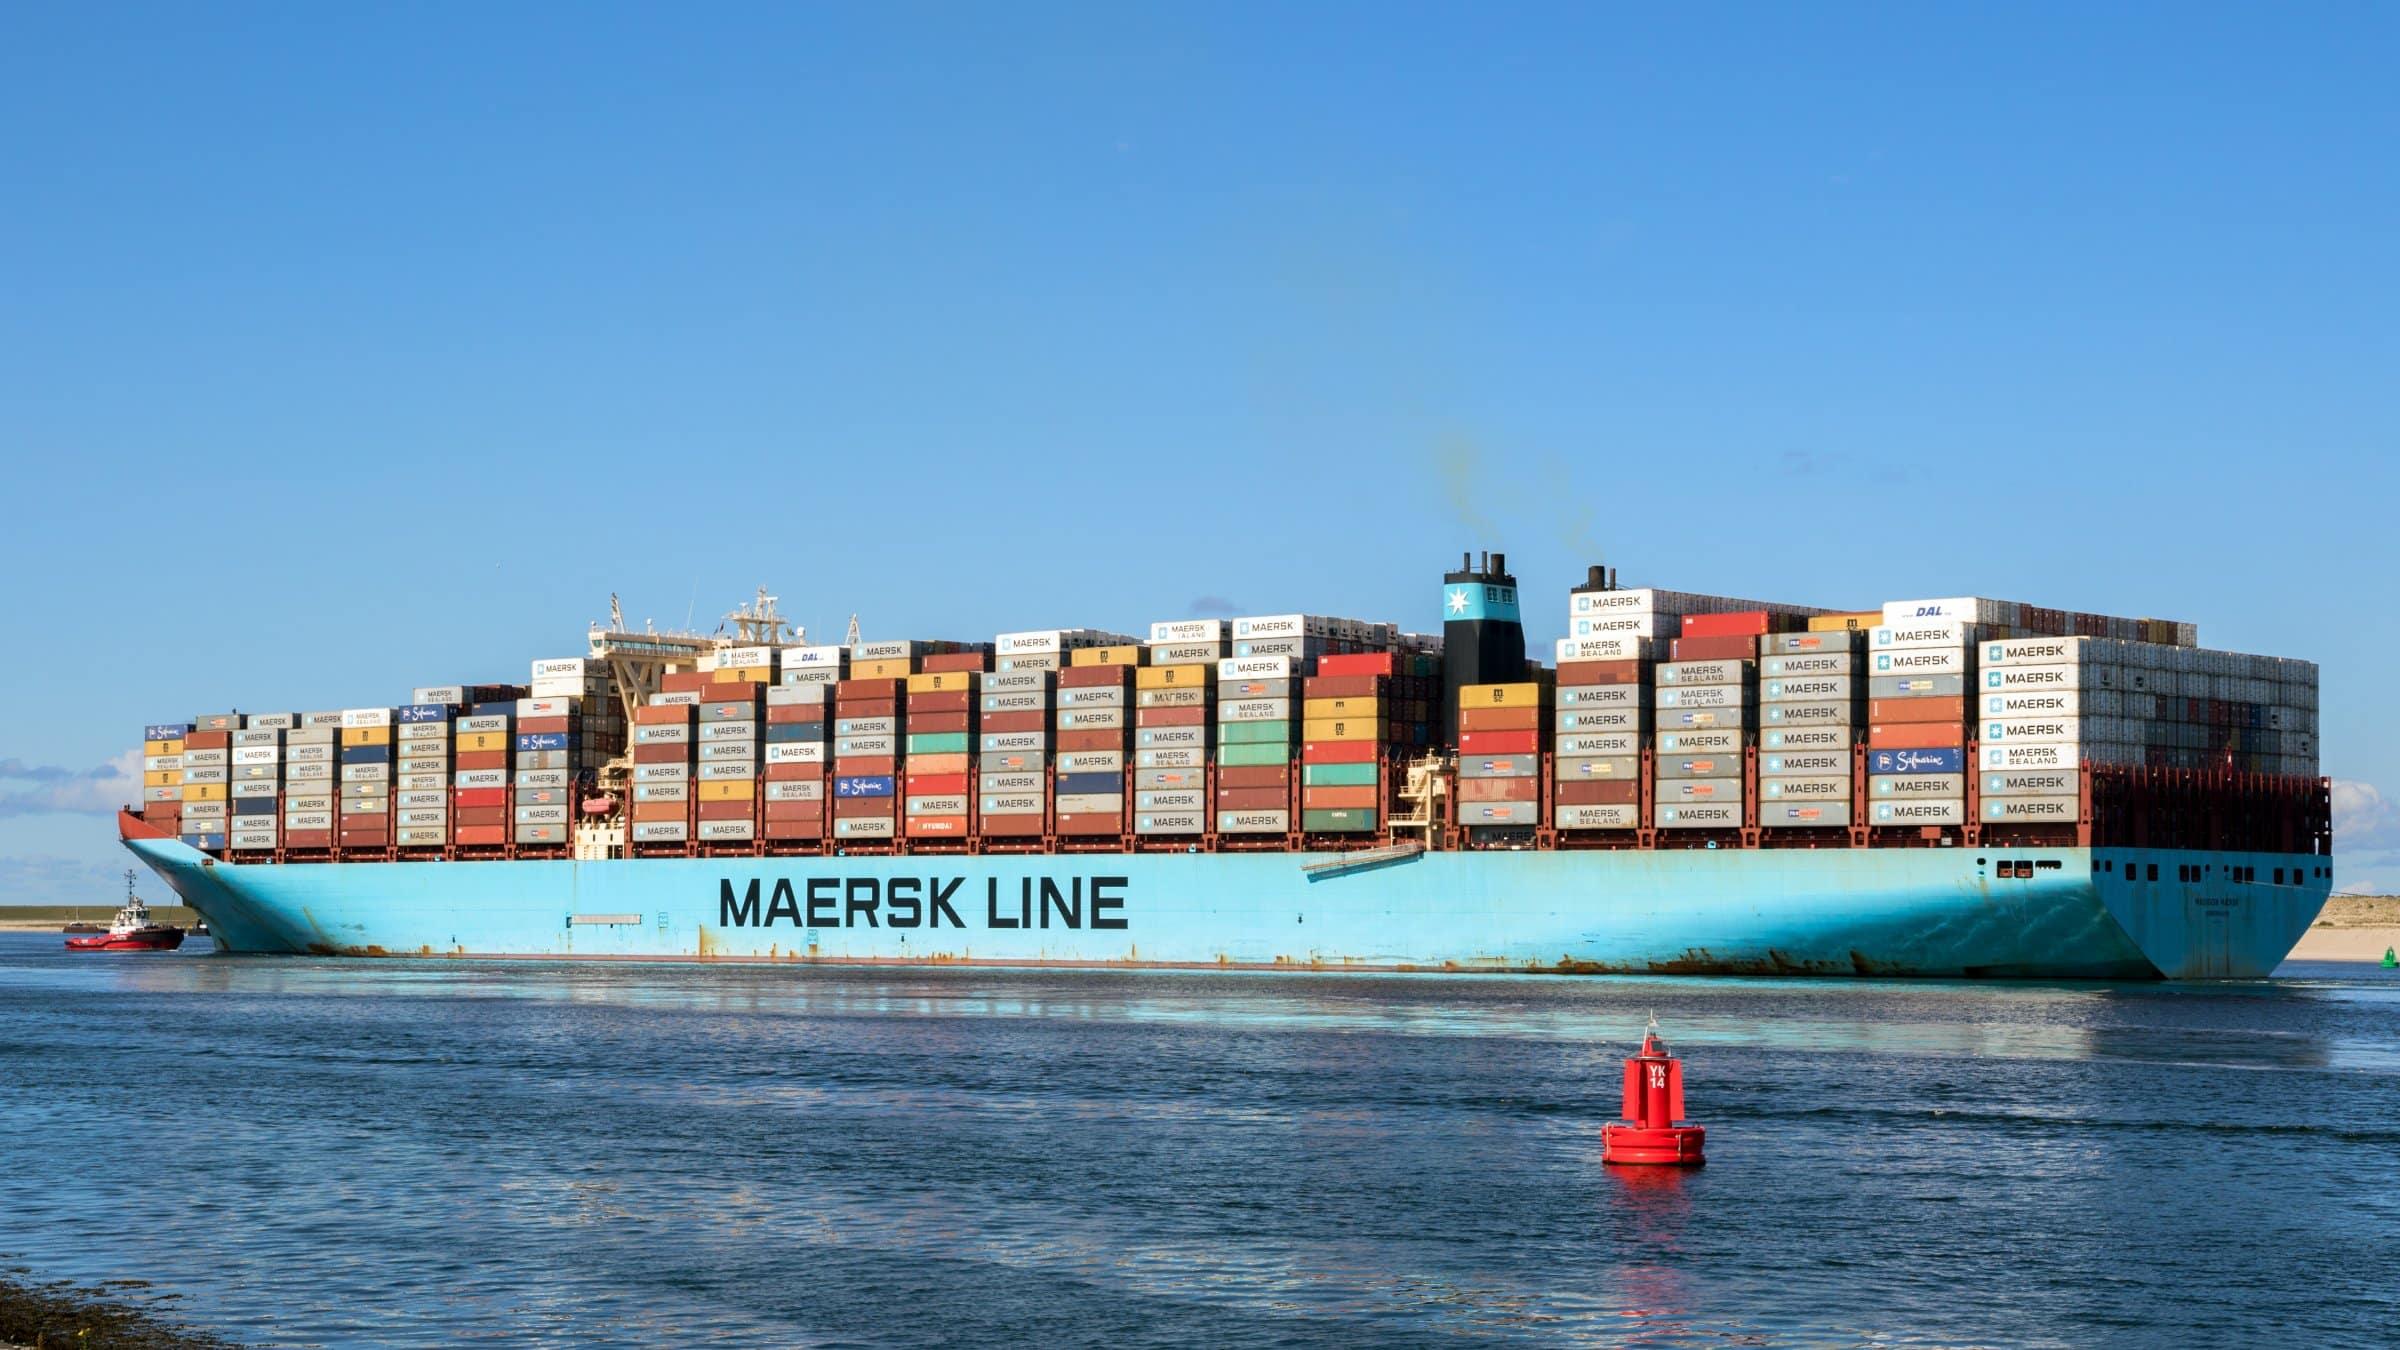 Mærsk aktier billede af et fuldt containerskib i mærsk pantone blue